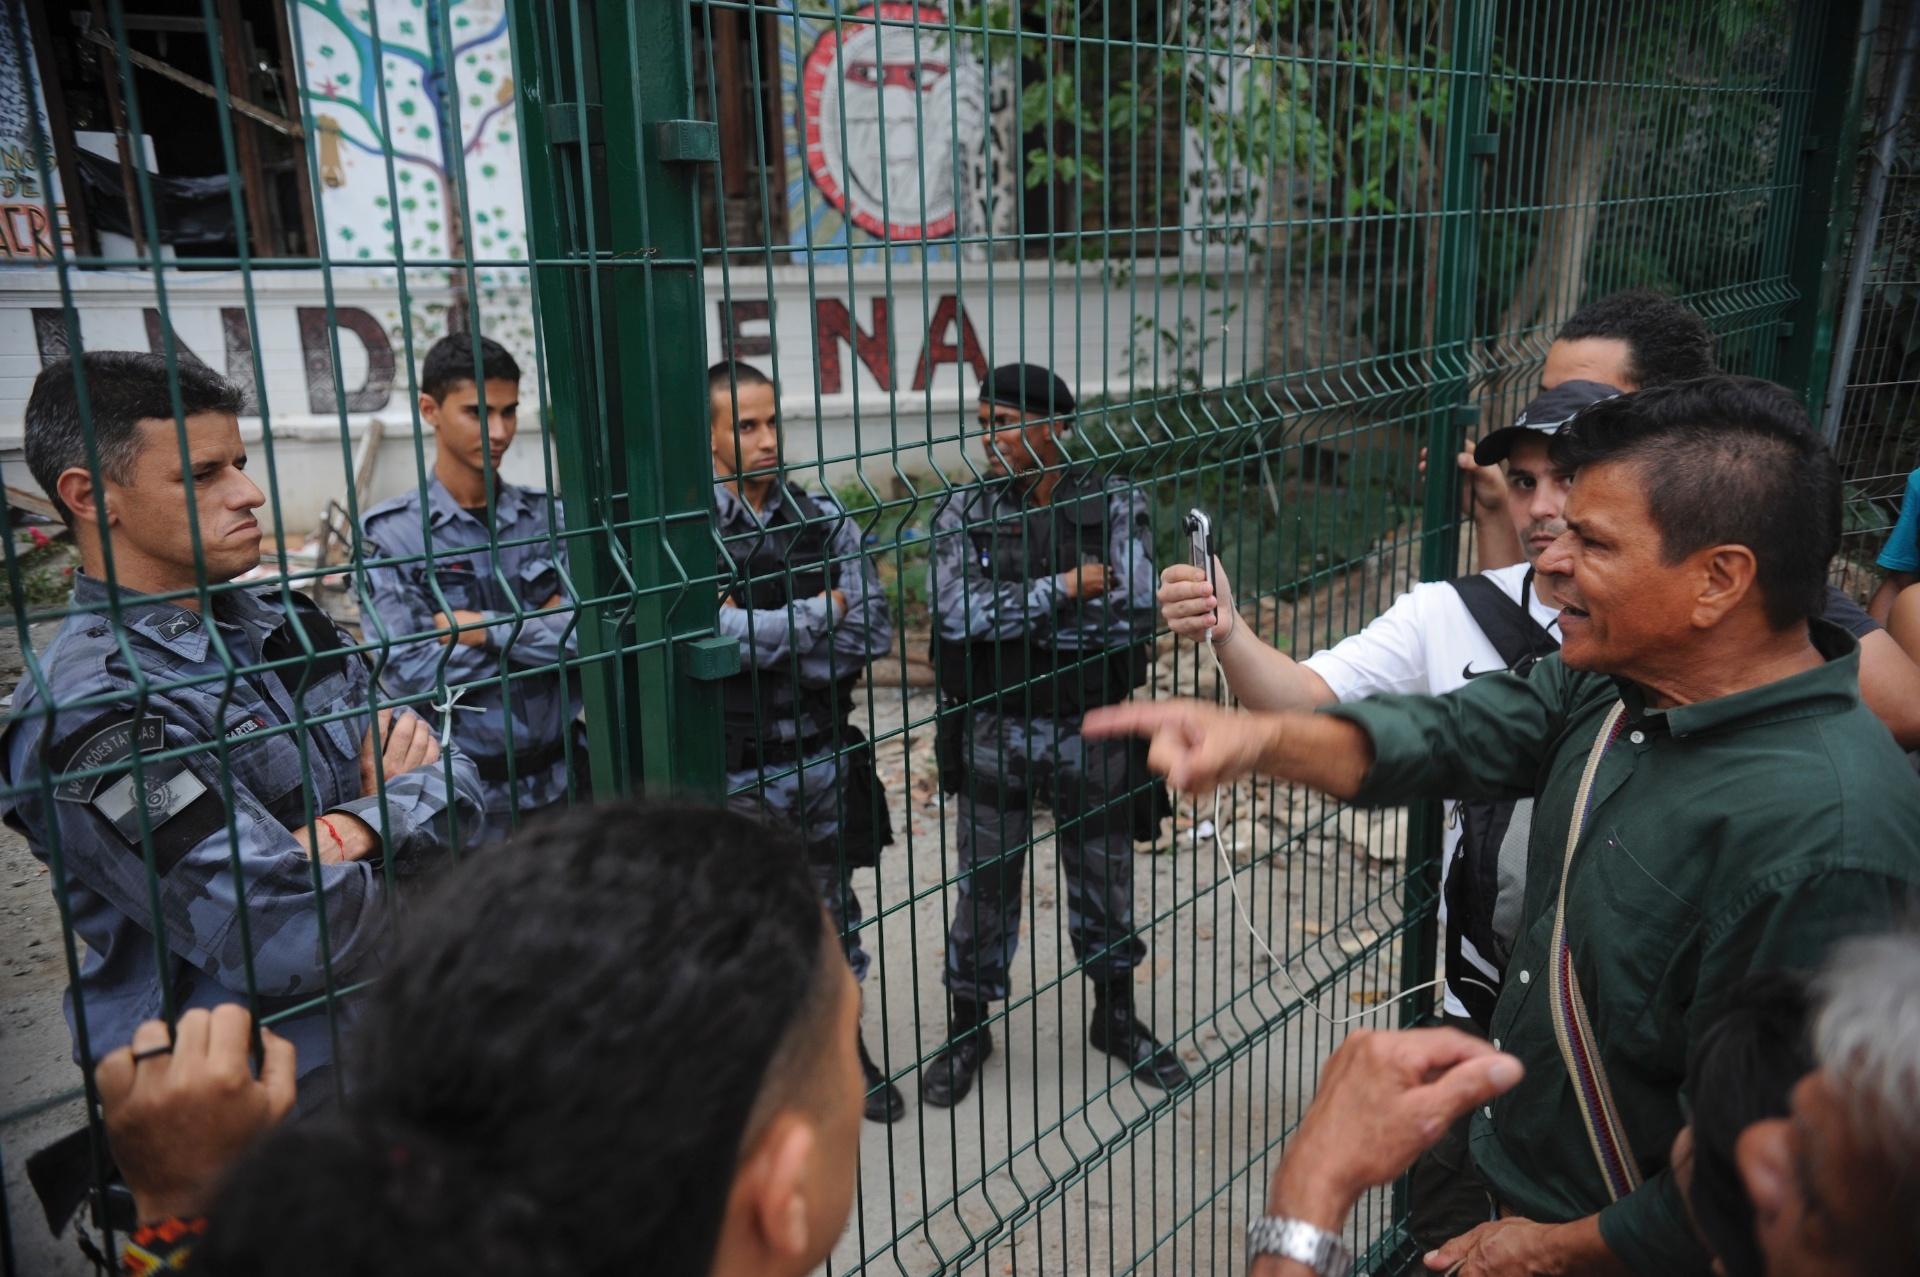 23.dez.2013 - Policiais fazem a segurança do antigo Museu do Índio, no Rio de Janeiro, enquanto índios tentam retomar a posse do local de onde foram expulsos no último dia 16